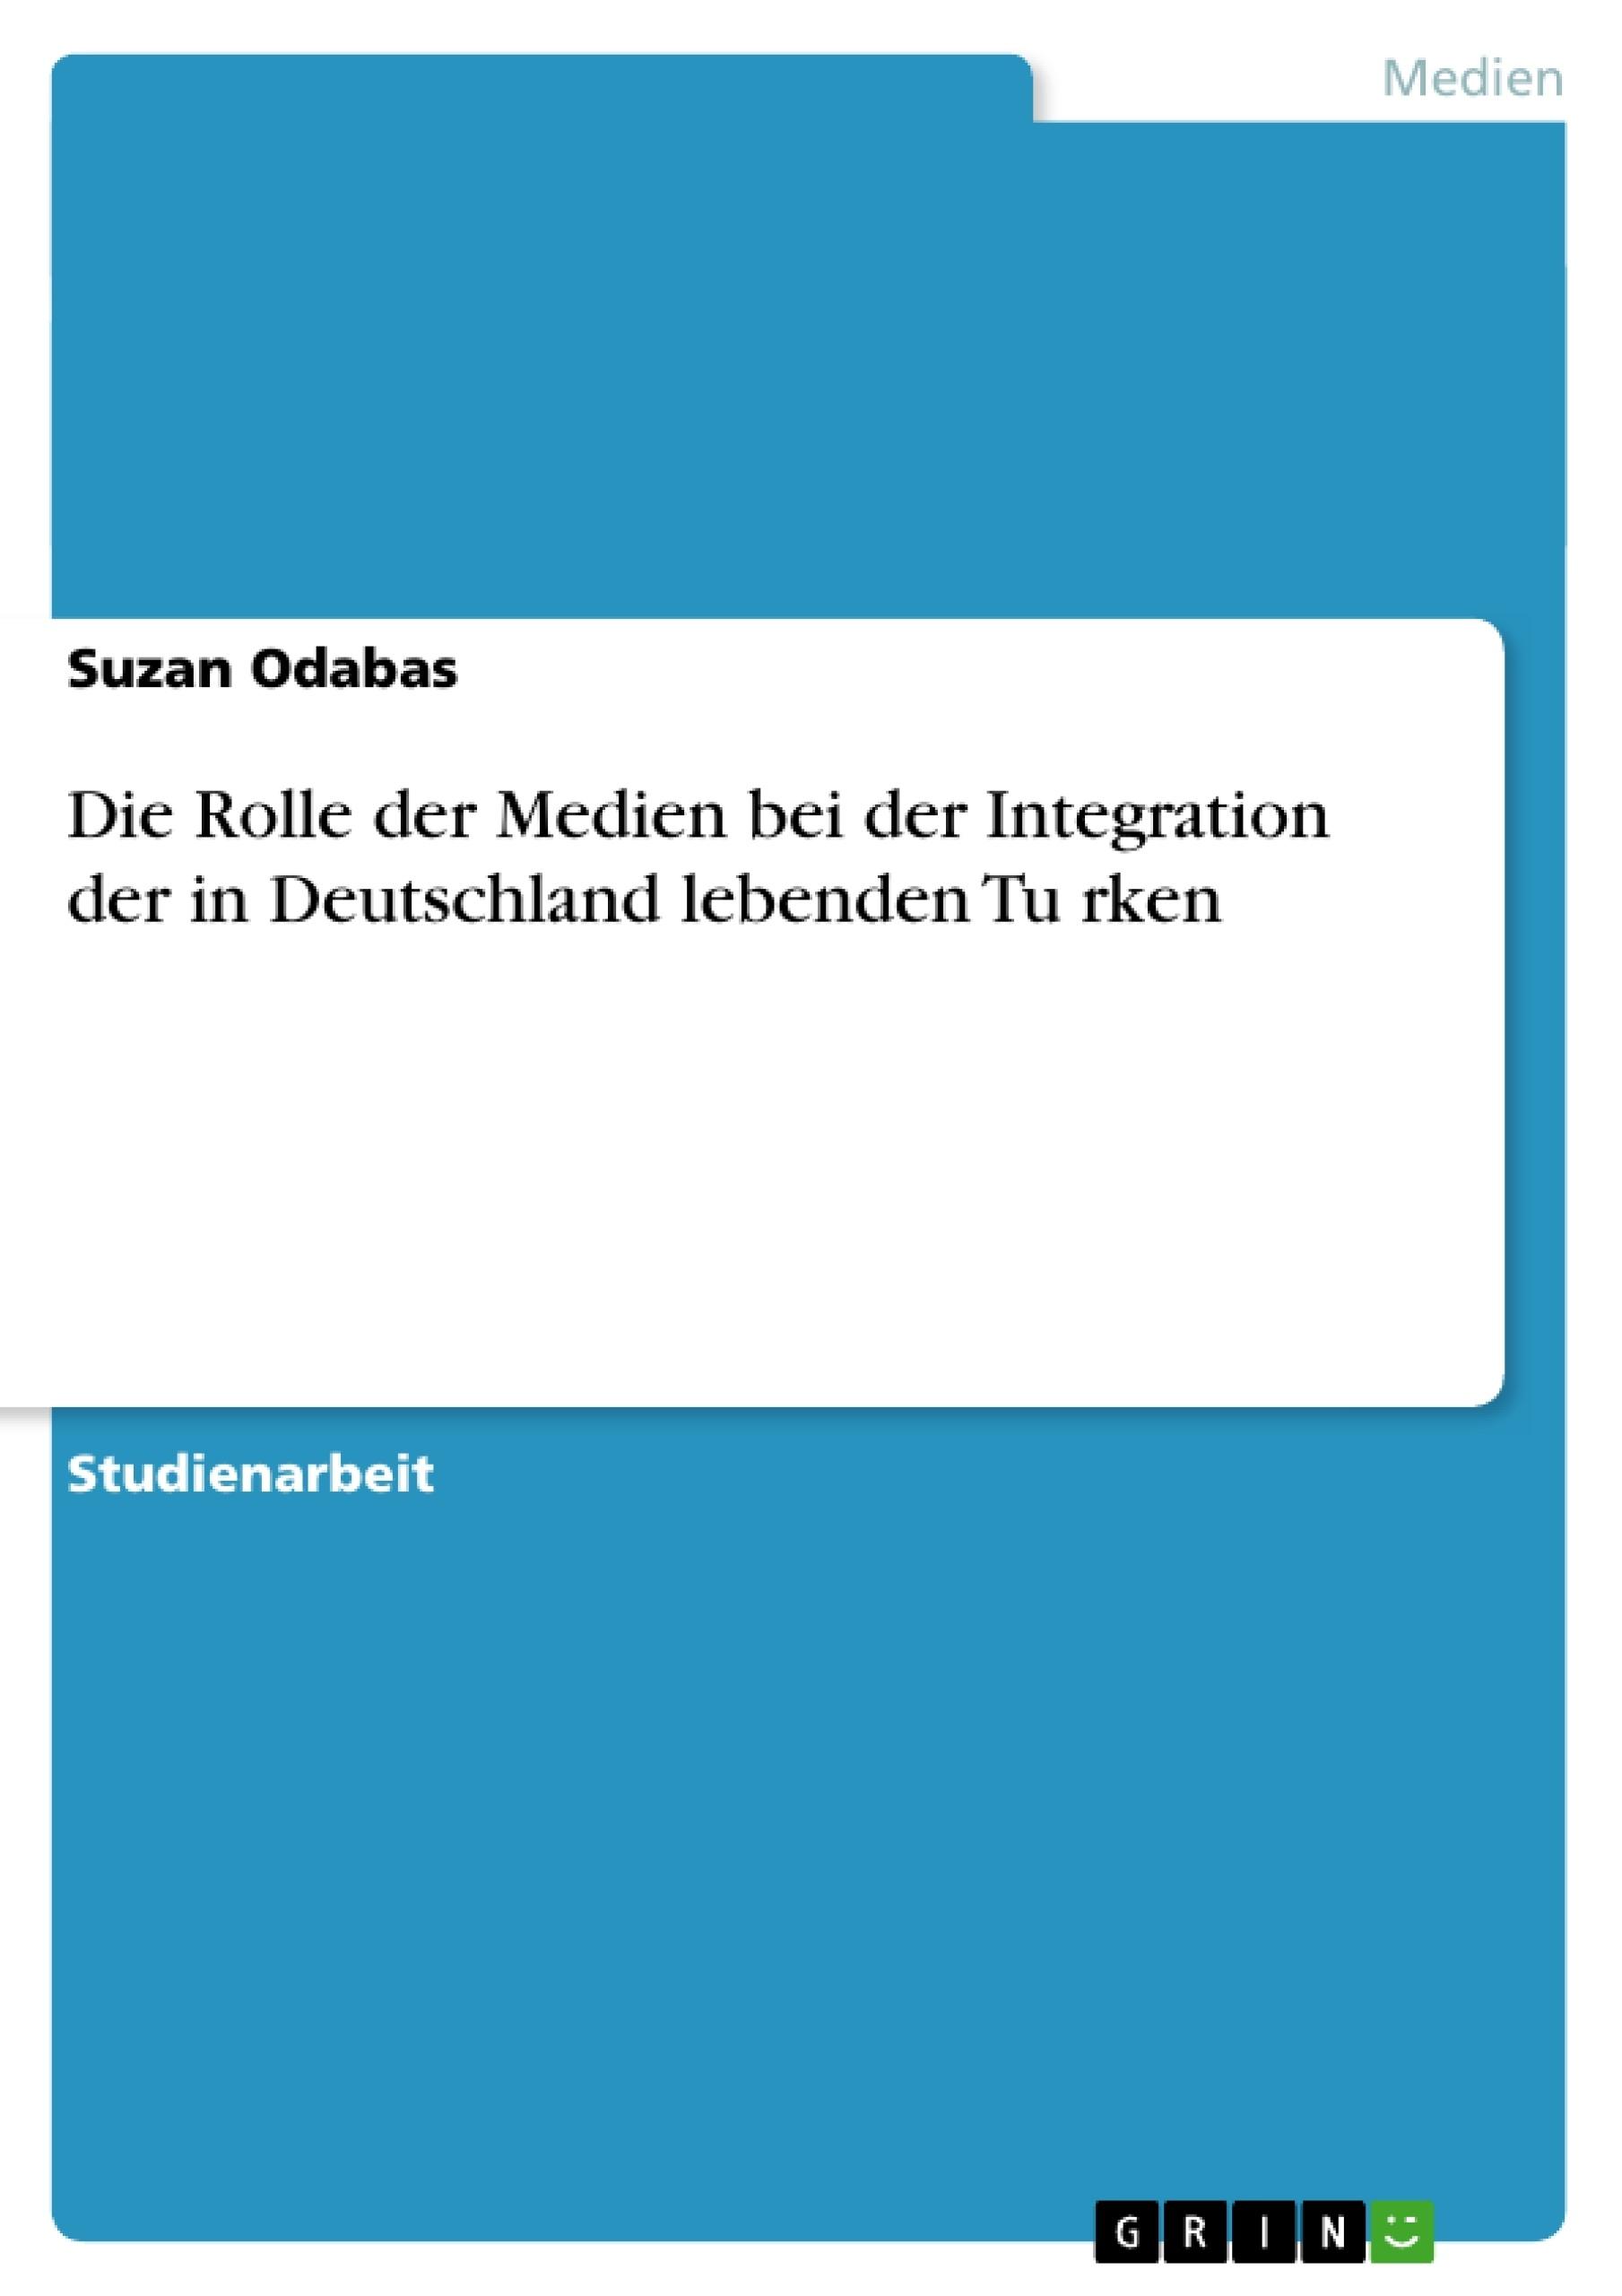 Titel: Die Rolle der Medien bei der Integration der in Deutschland lebenden Türken